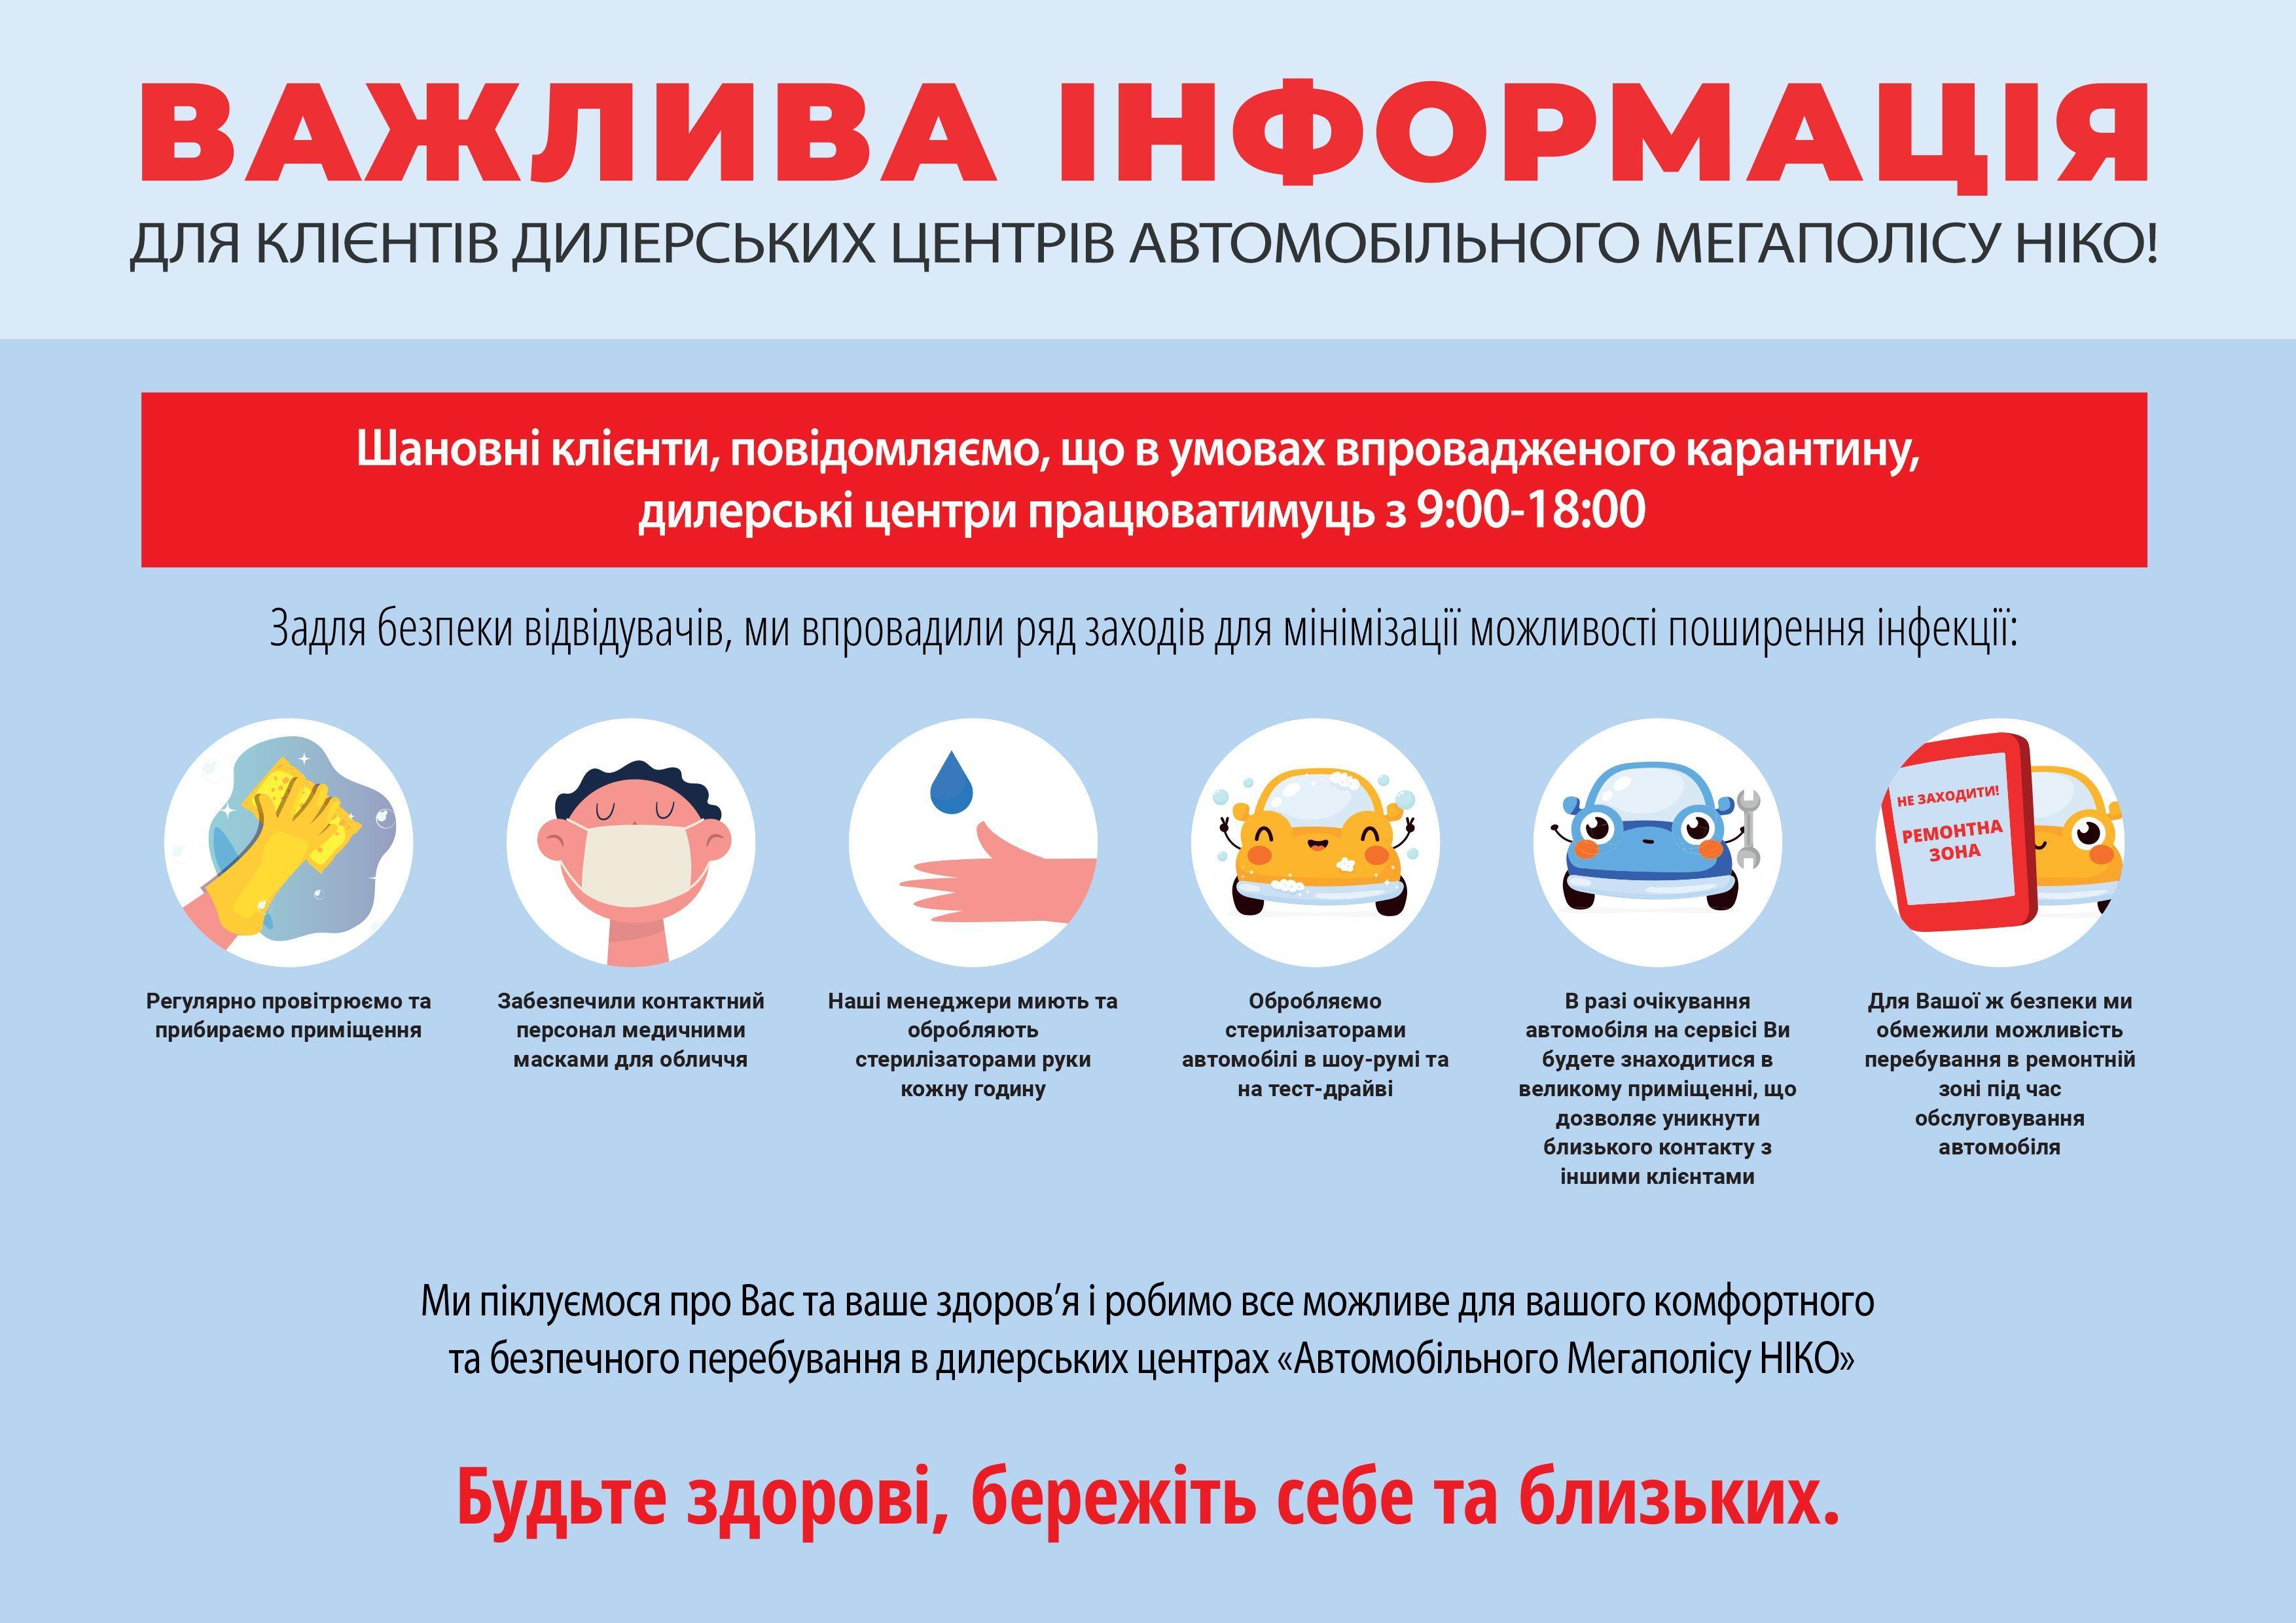 Важлива інформація для клієнтів Офіційного дилера Renault «НІКО Прайм Мегаполіс»!